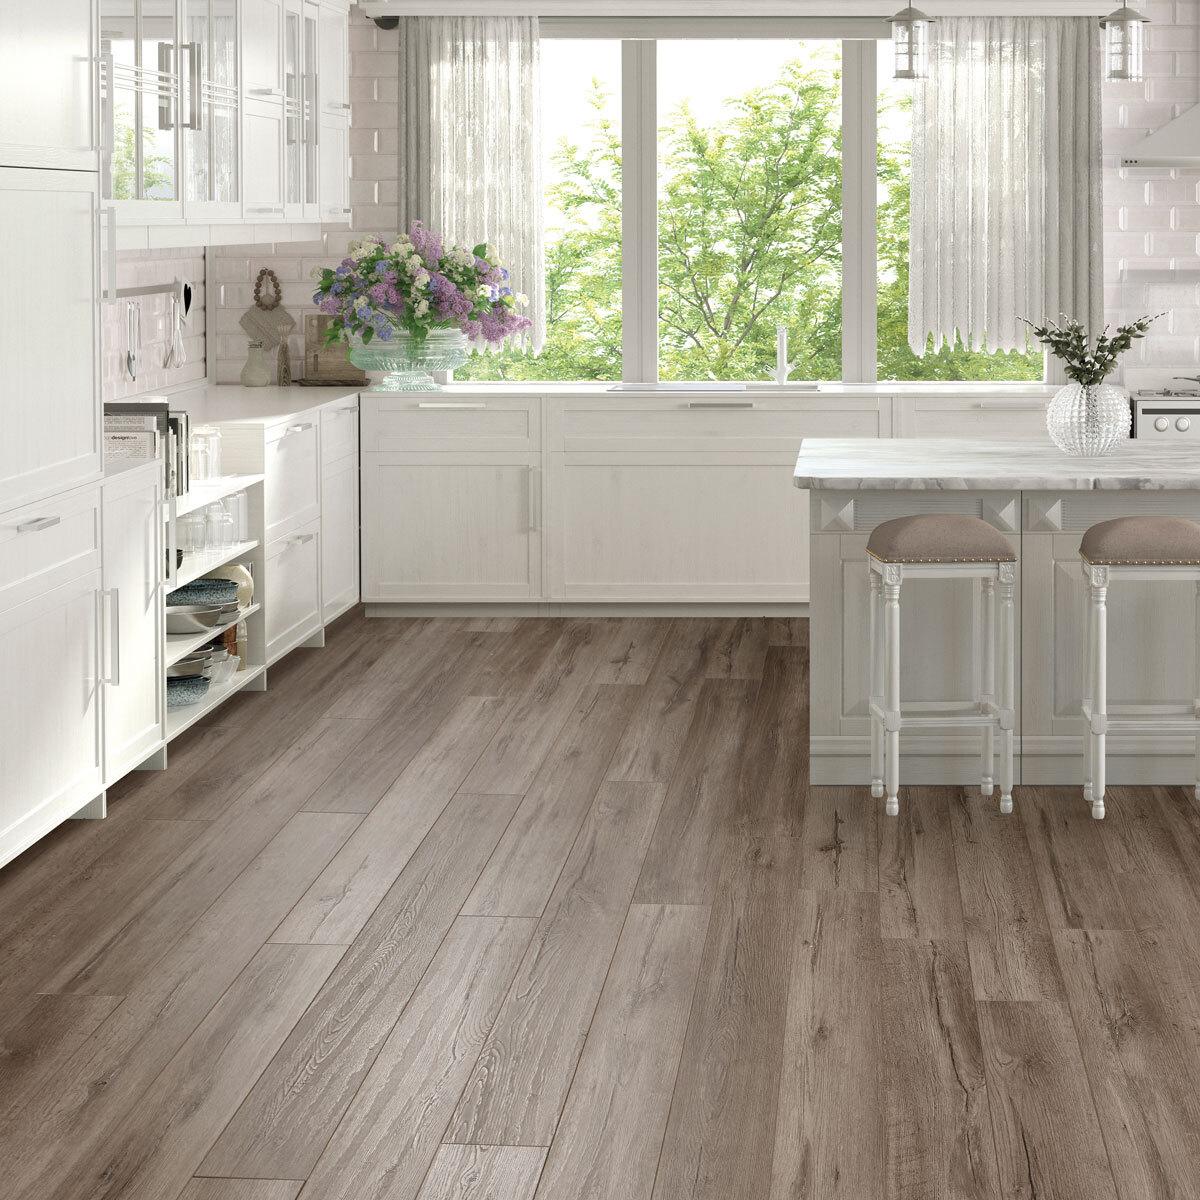 Ac5 Laminate Flooring, How To Fix Grey Laminate Flooring